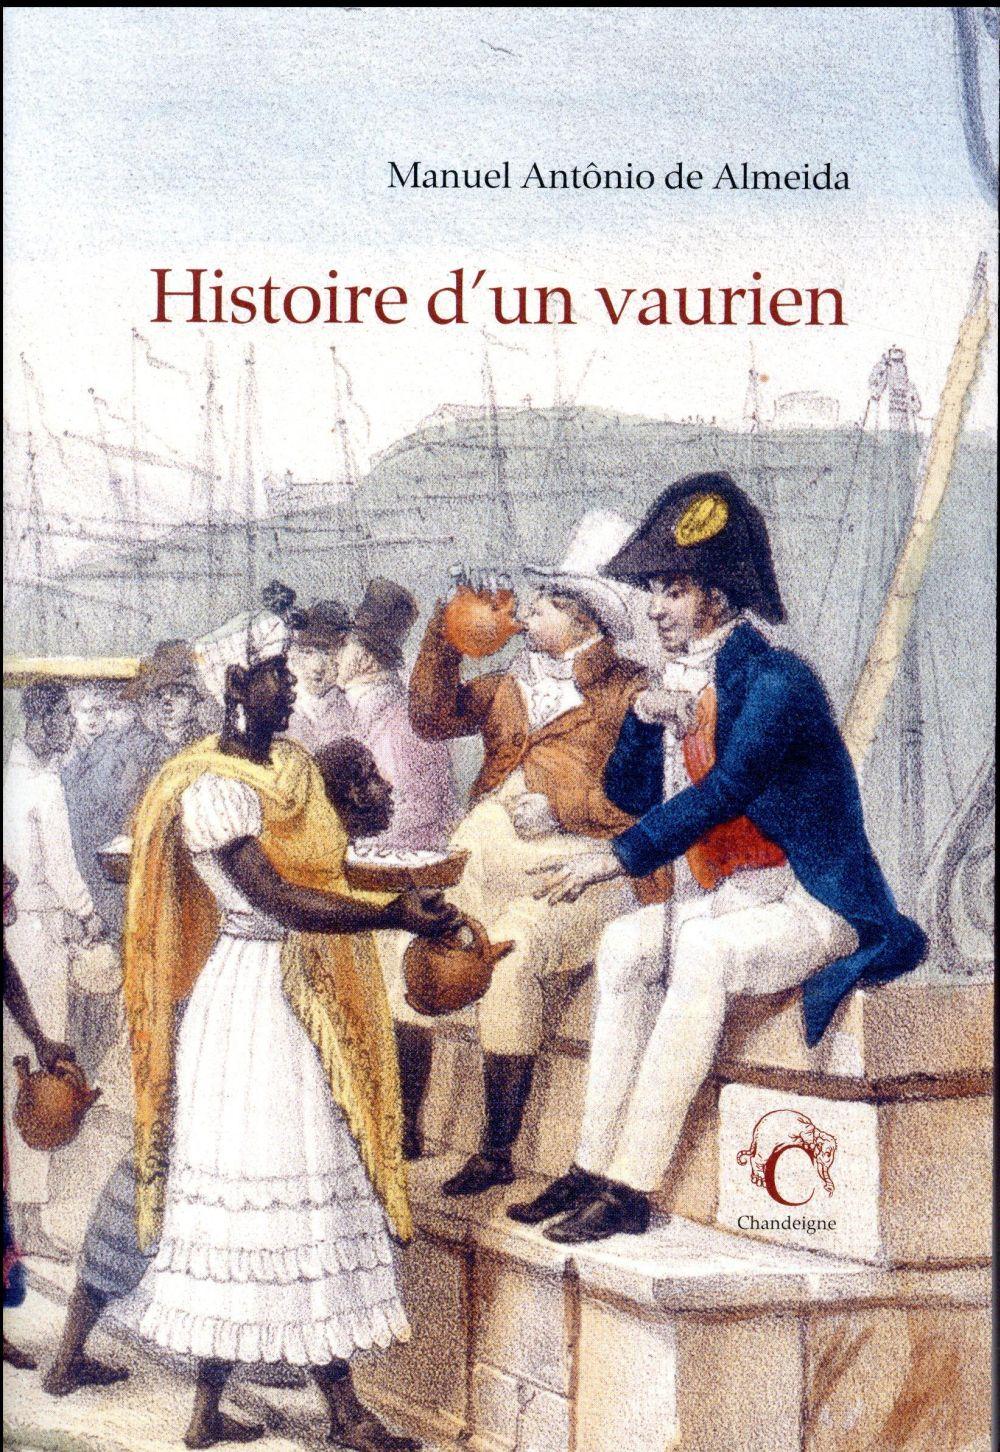 HISTOIRE D'UN VAURIEN